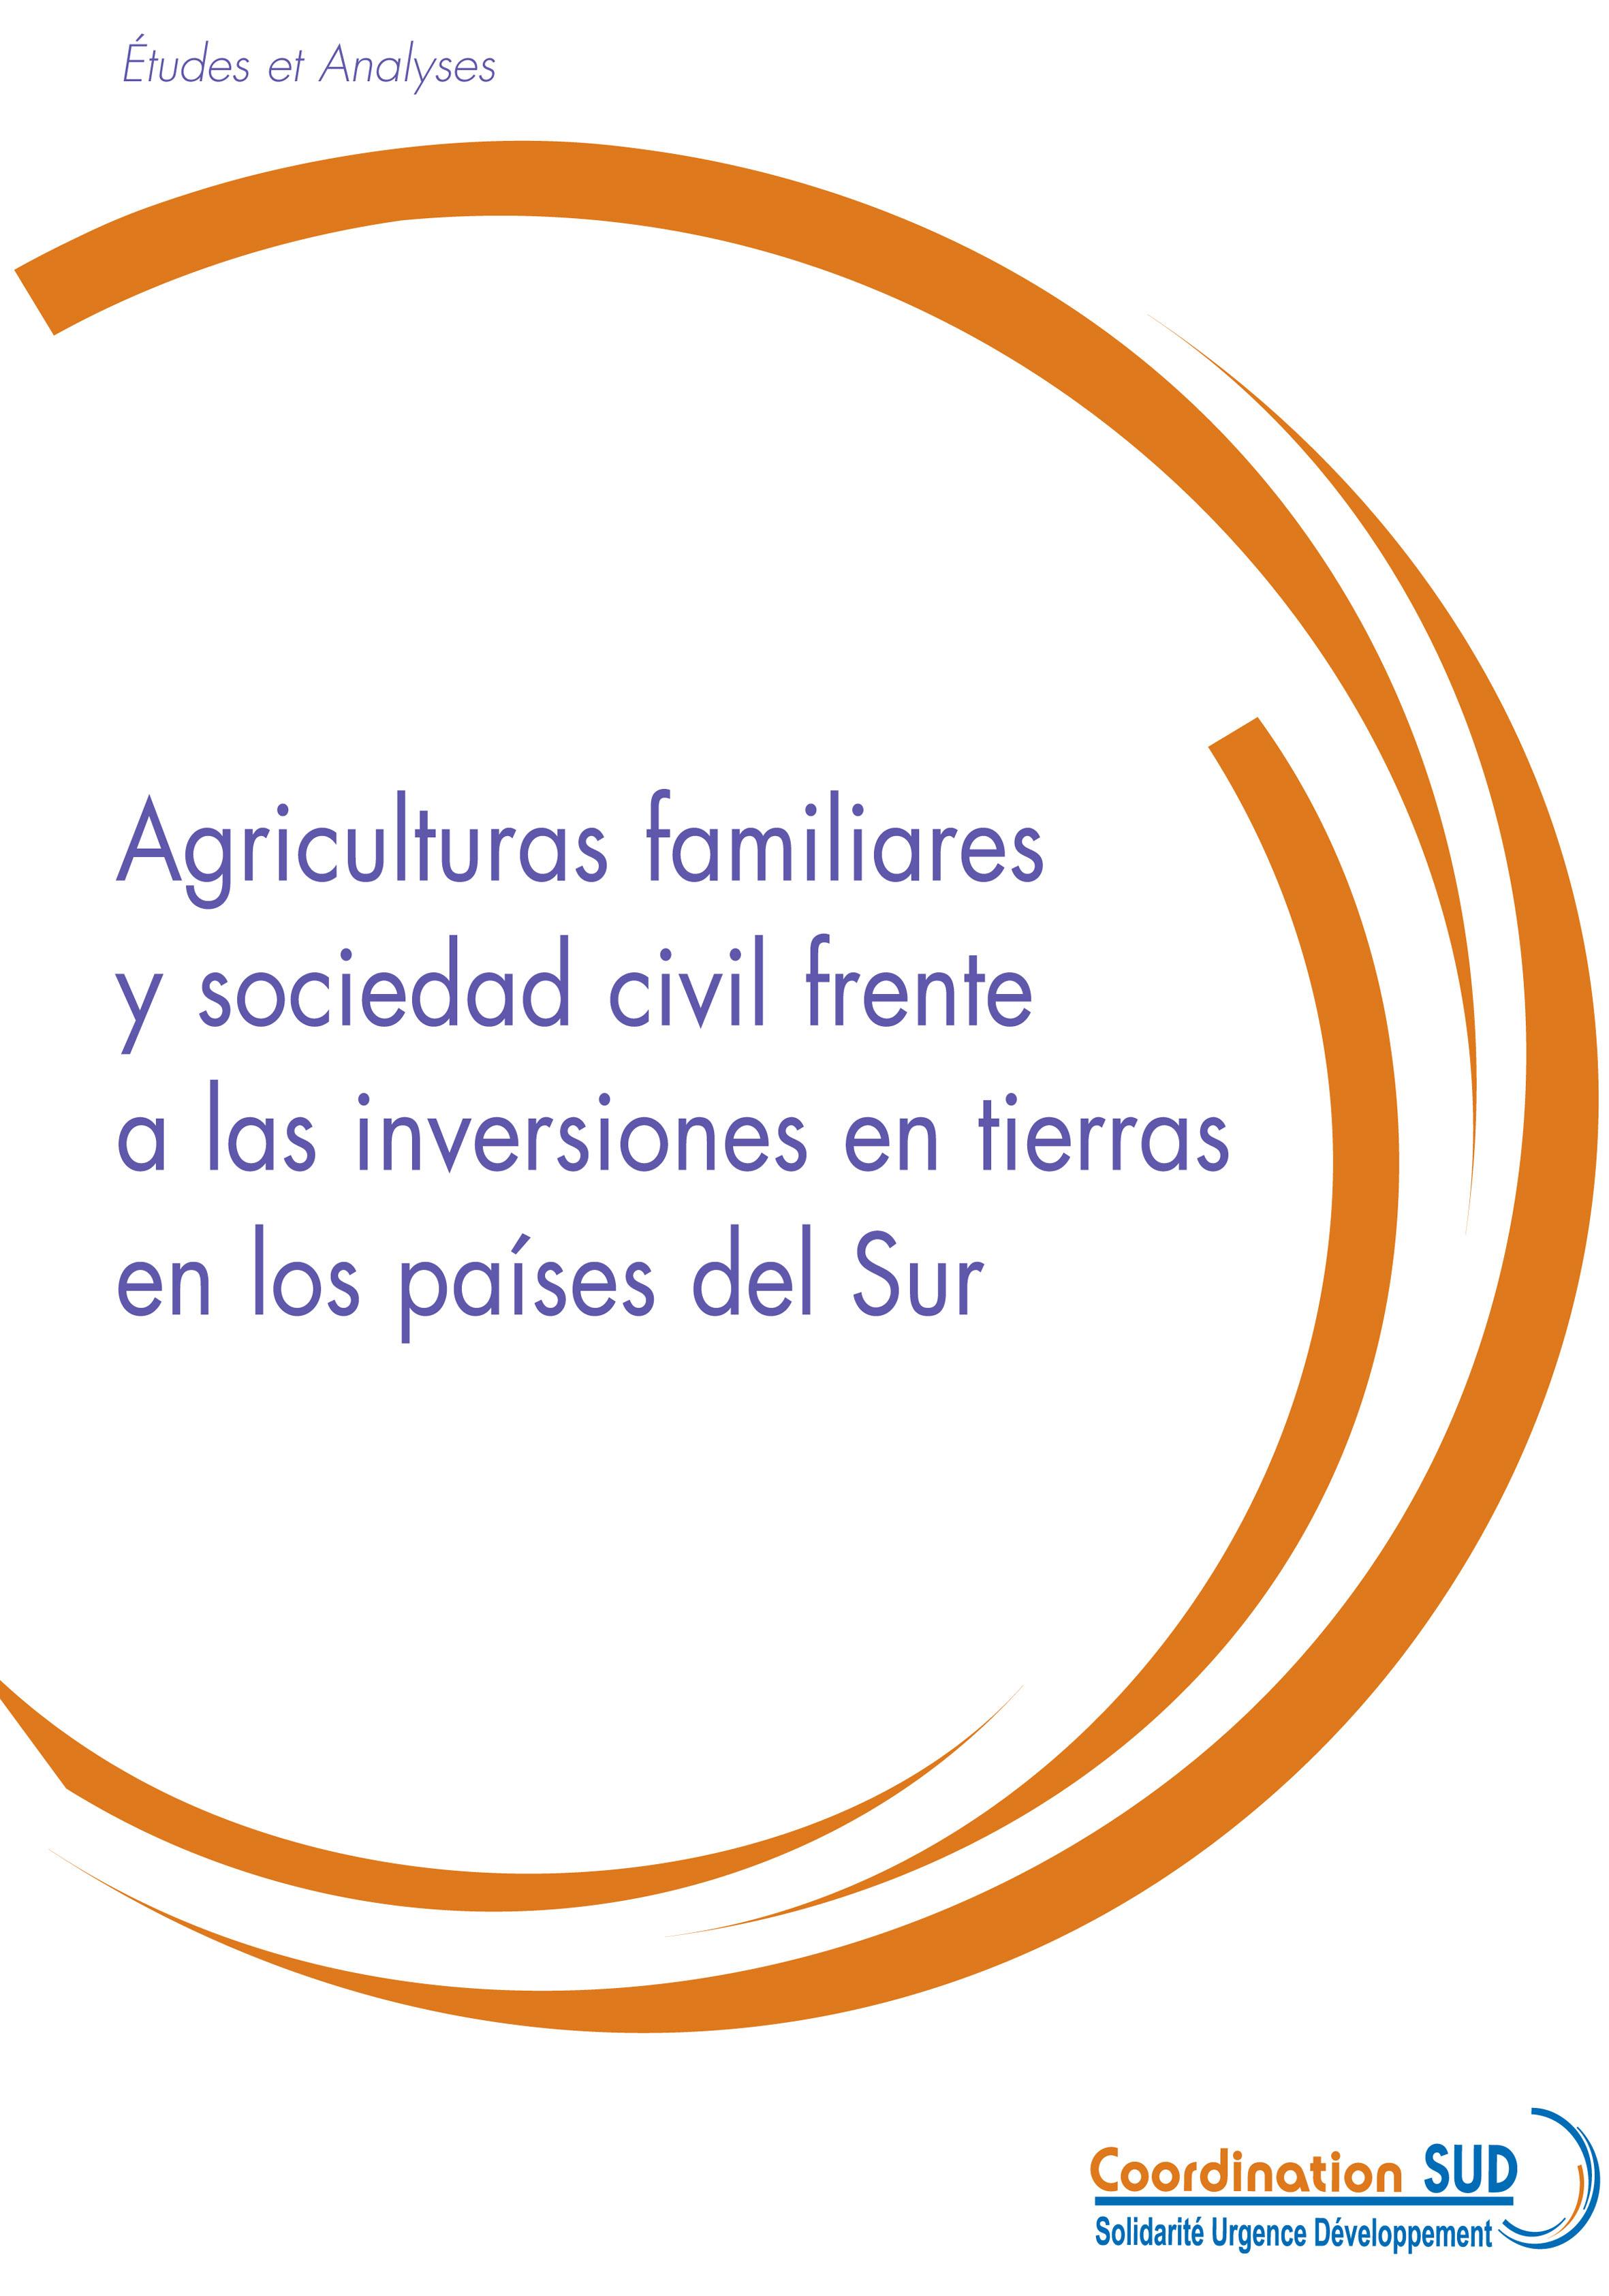 Thumbnail - Agriculturas familiares y sociedad civil frente a las inversiones en tierras en los países del Sur